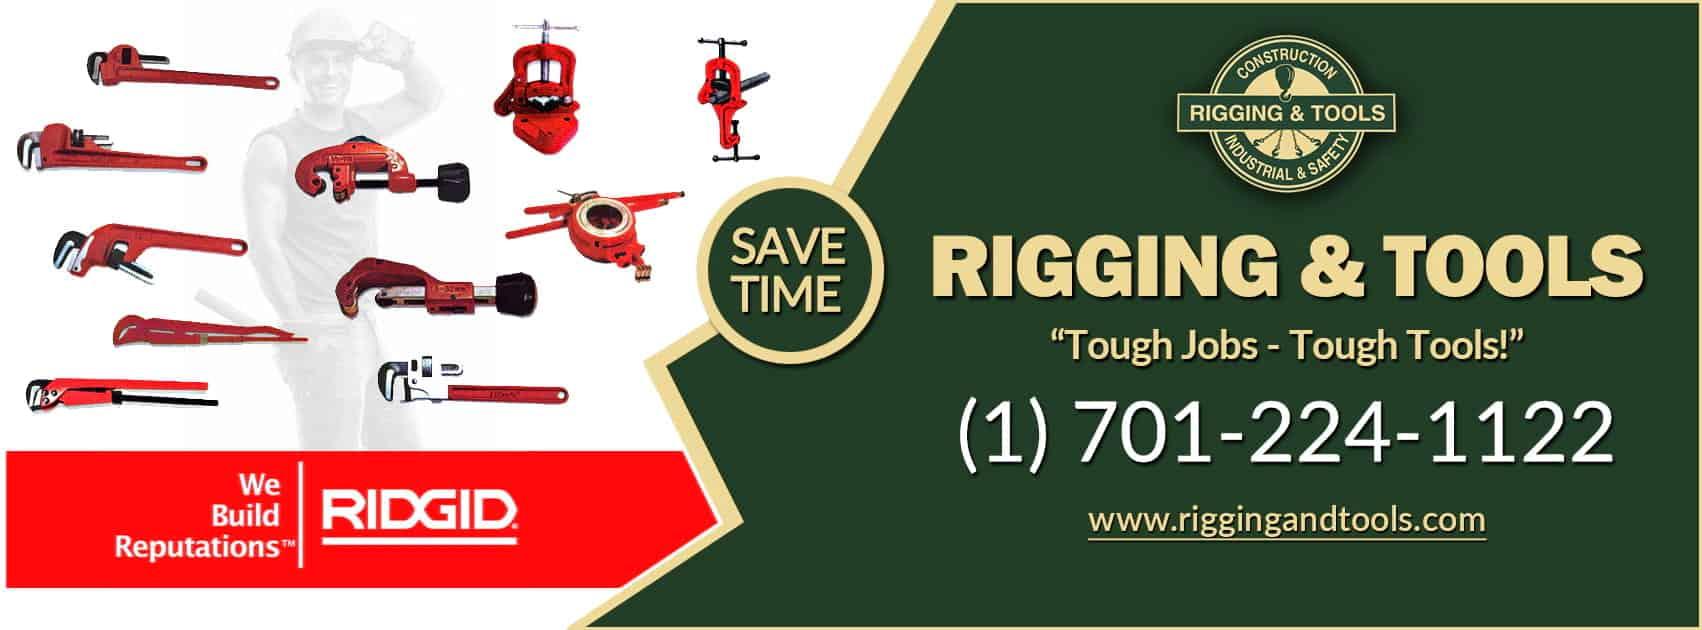 Rigging & Tools 1